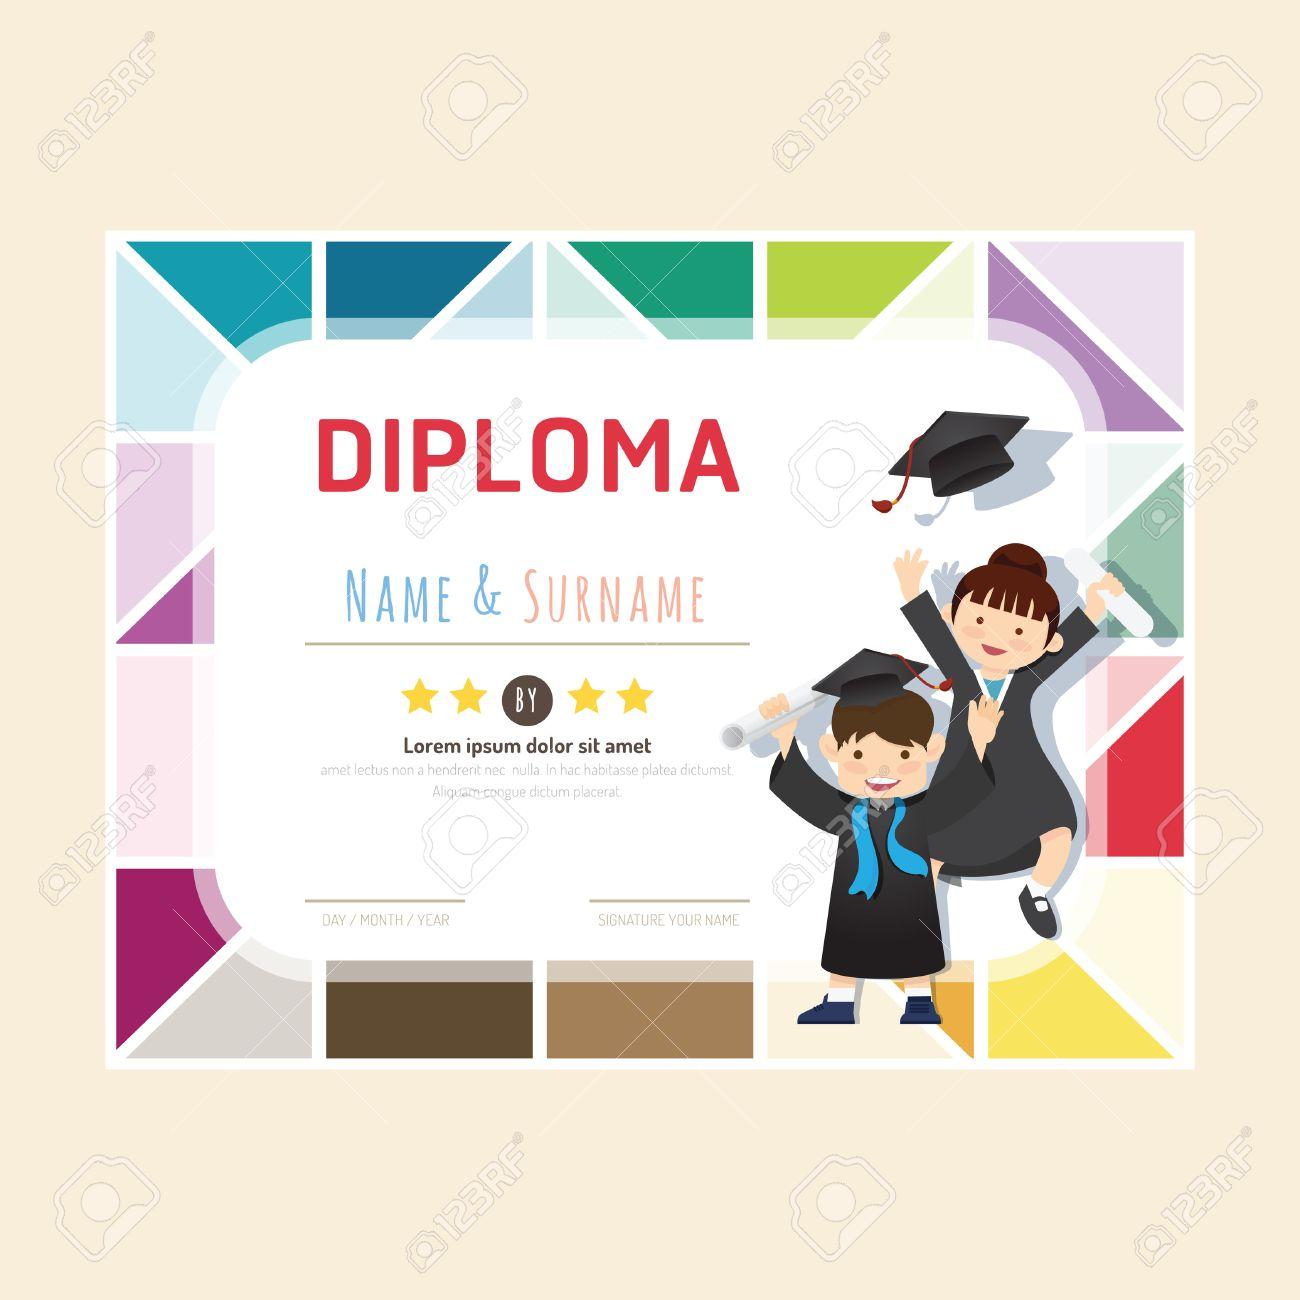 Diploma Niños De Certificados, Guardería Diseño De Plantilla De ...